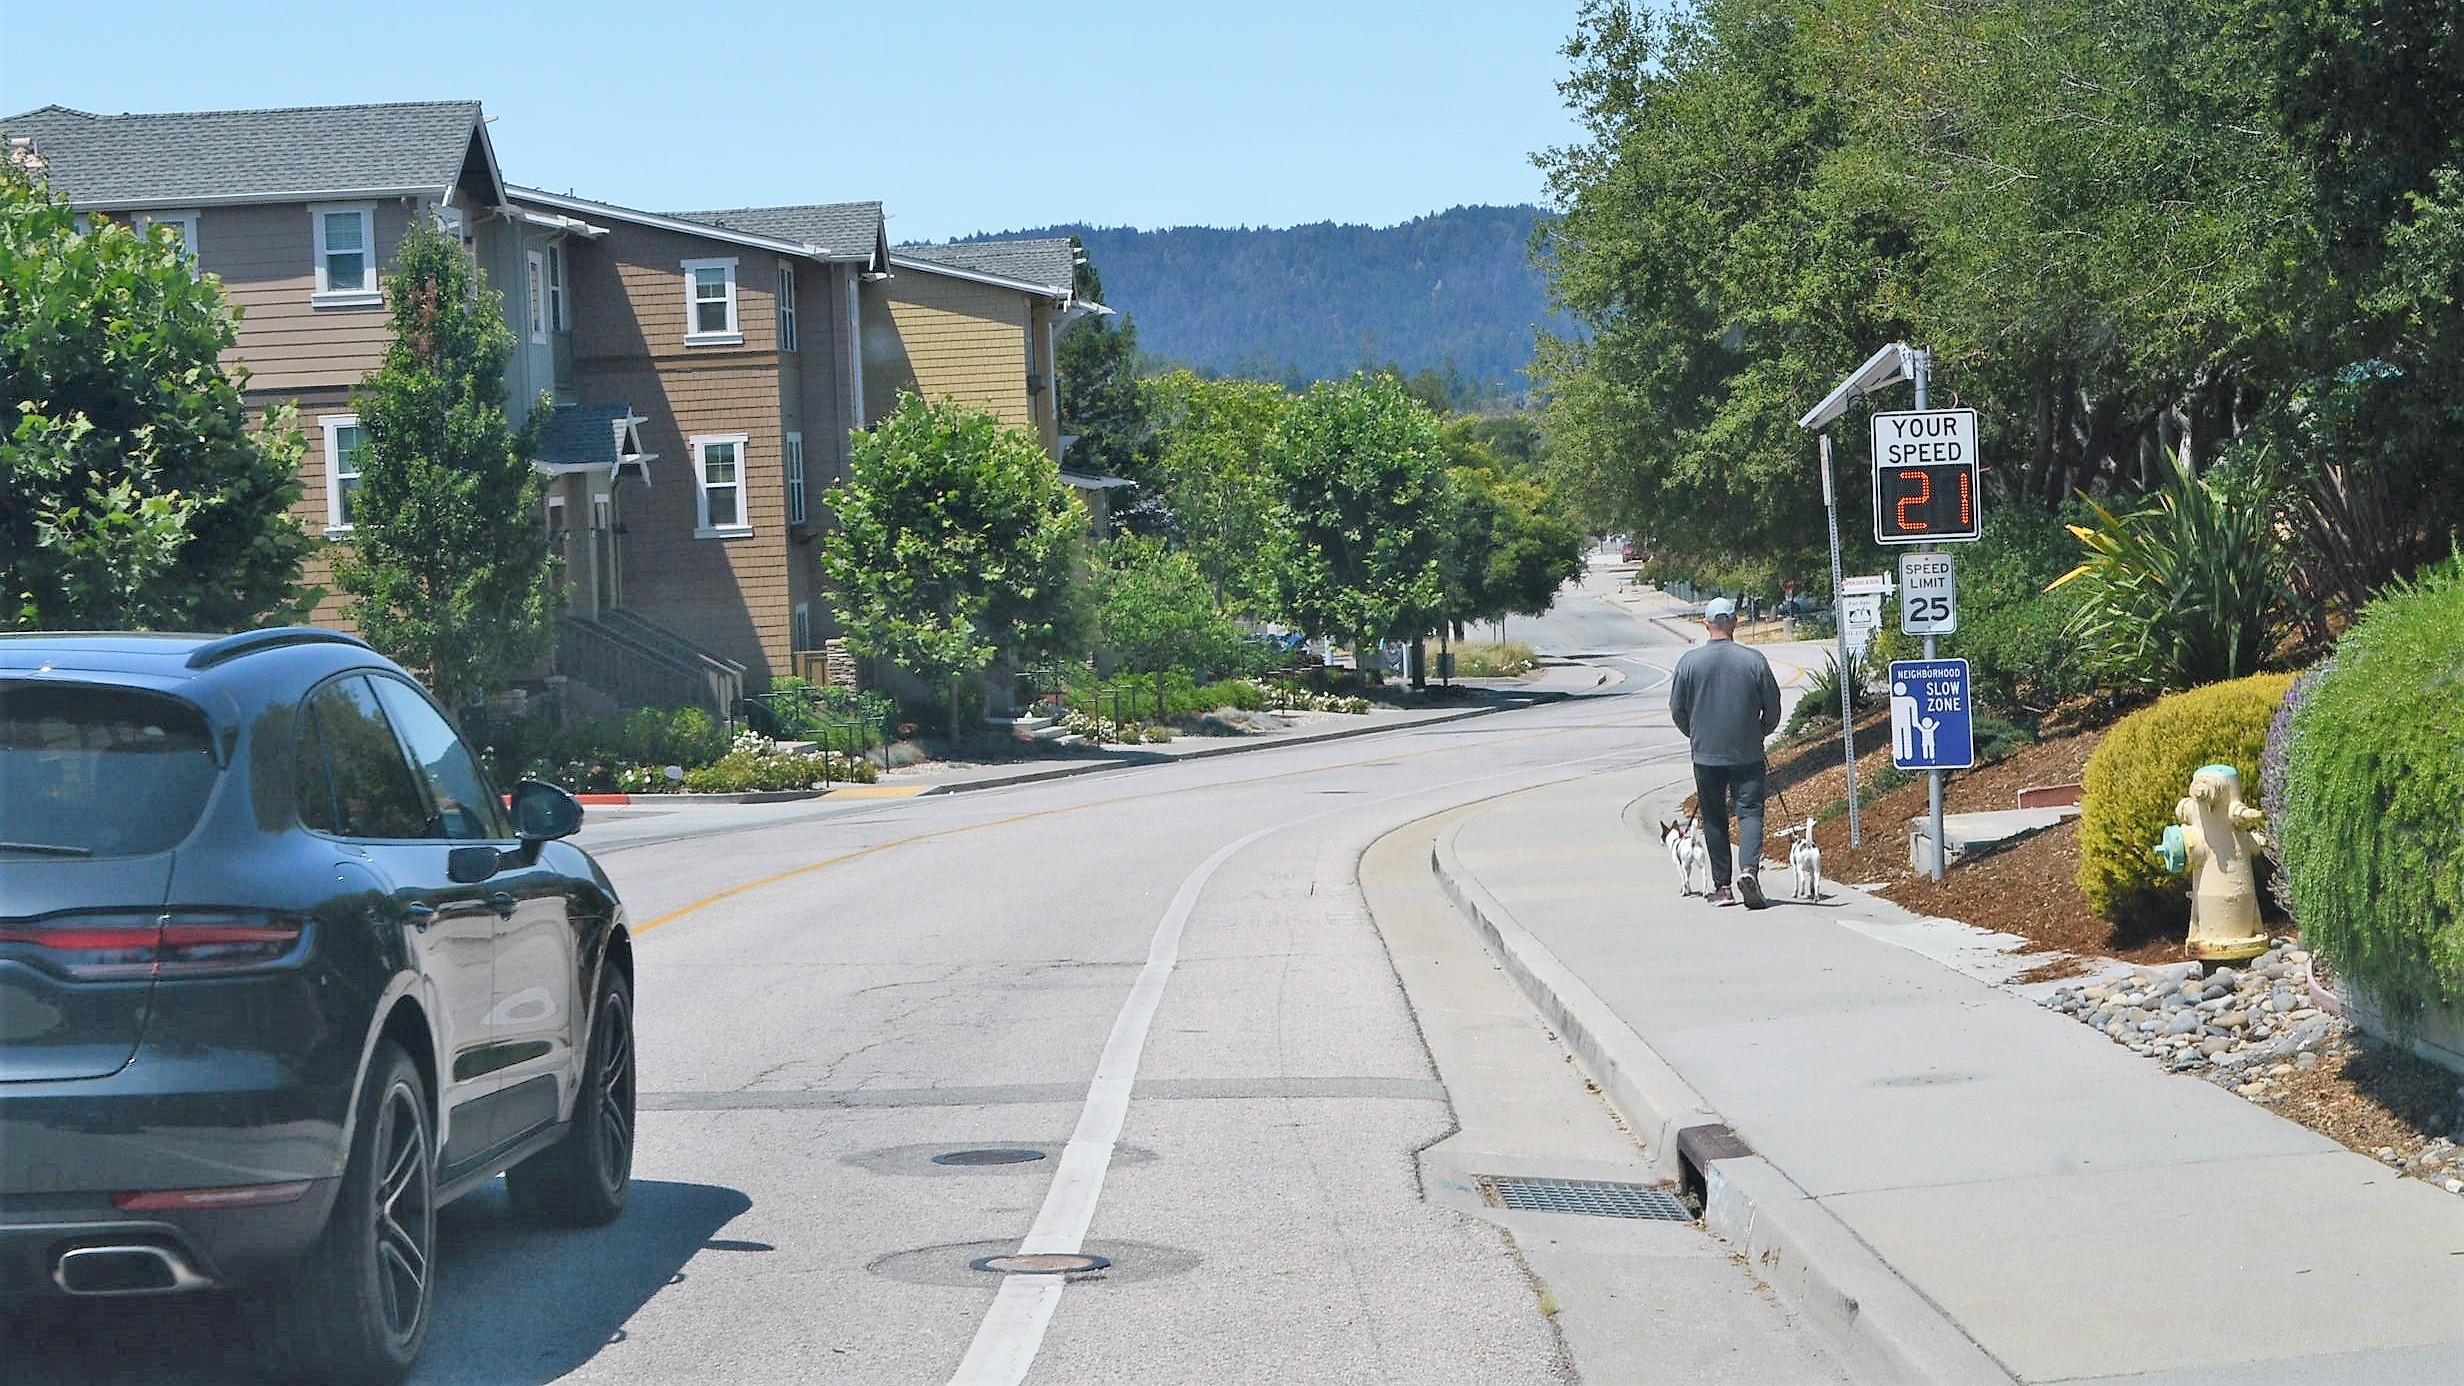 Bluebonnet Lane in Scotts Valley